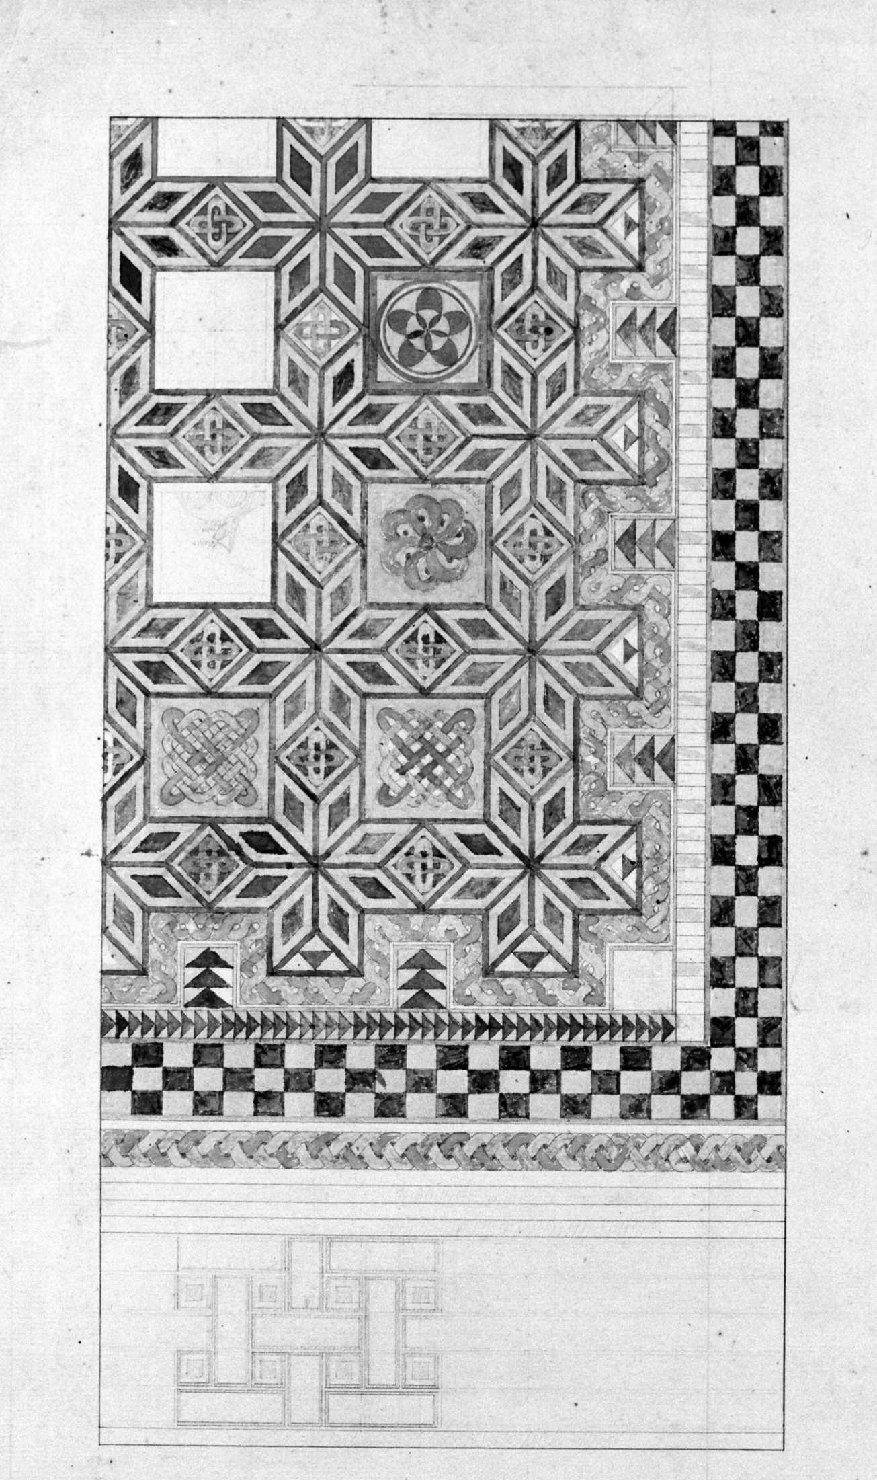 motivi decorativi geometrici (disegno) - ambito Italia settentrionale (seconda metà sec. XIX)